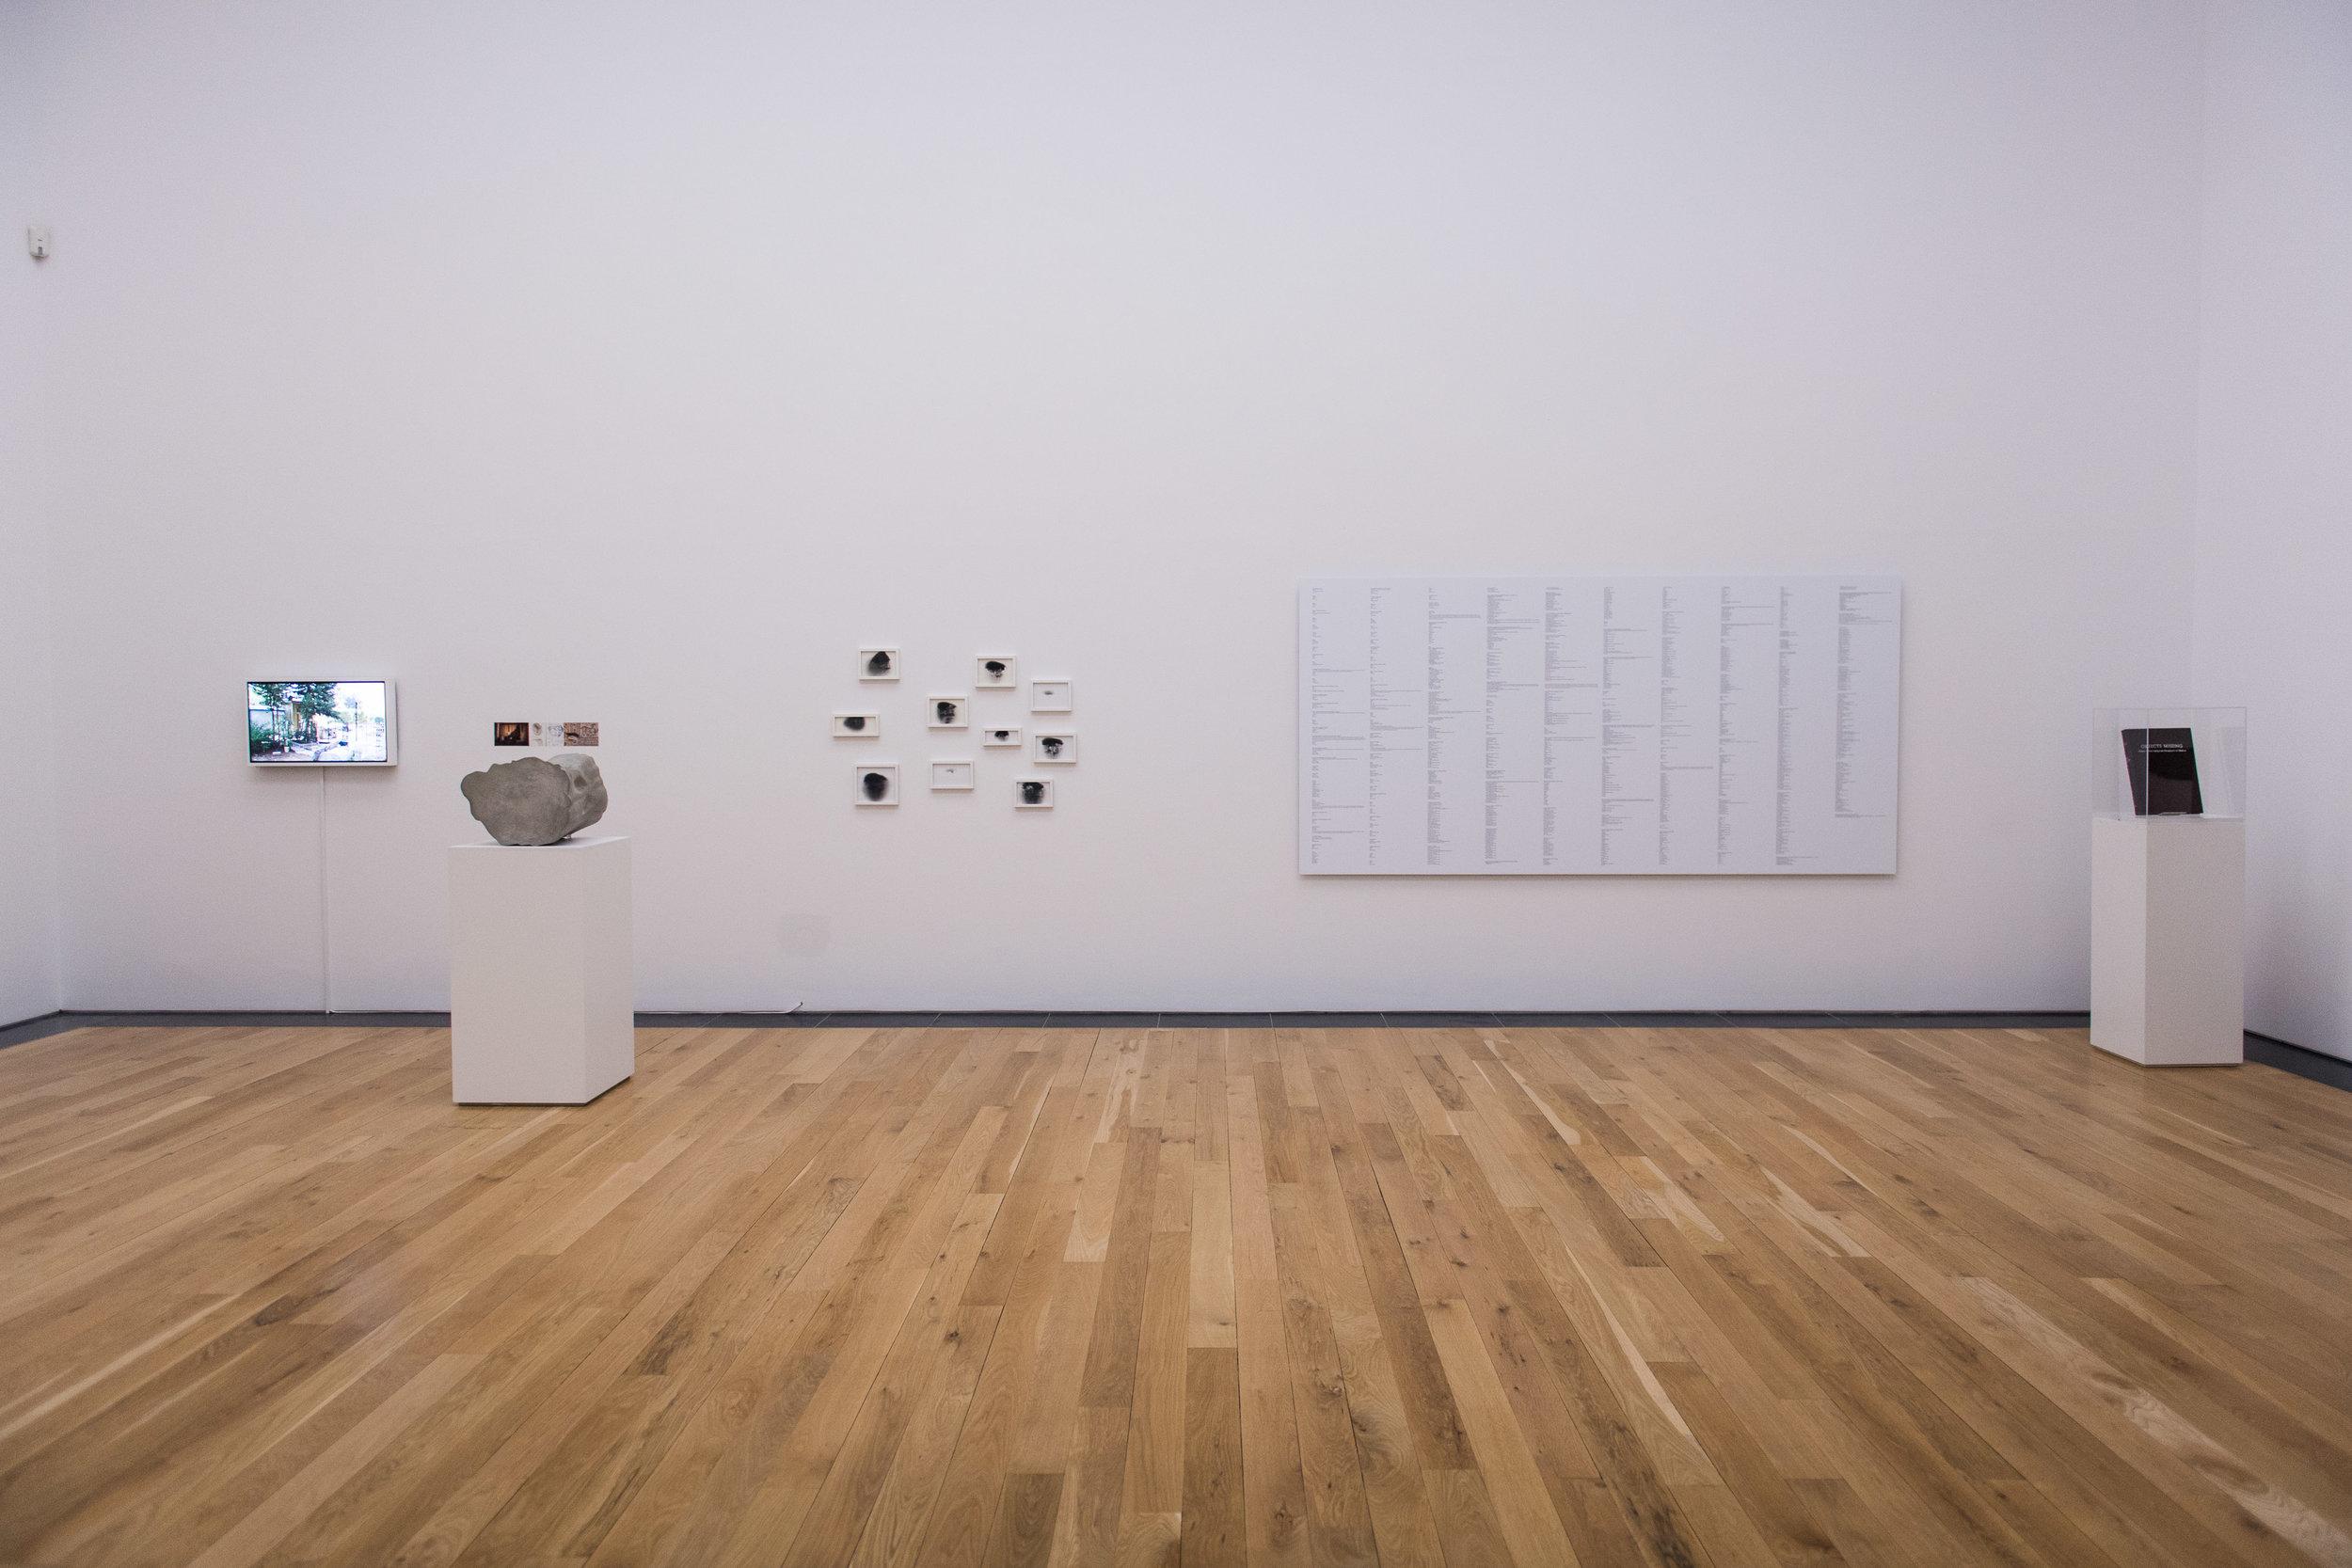 Lamia Joreige, Under Writing Beirut, Artes Mundi 7